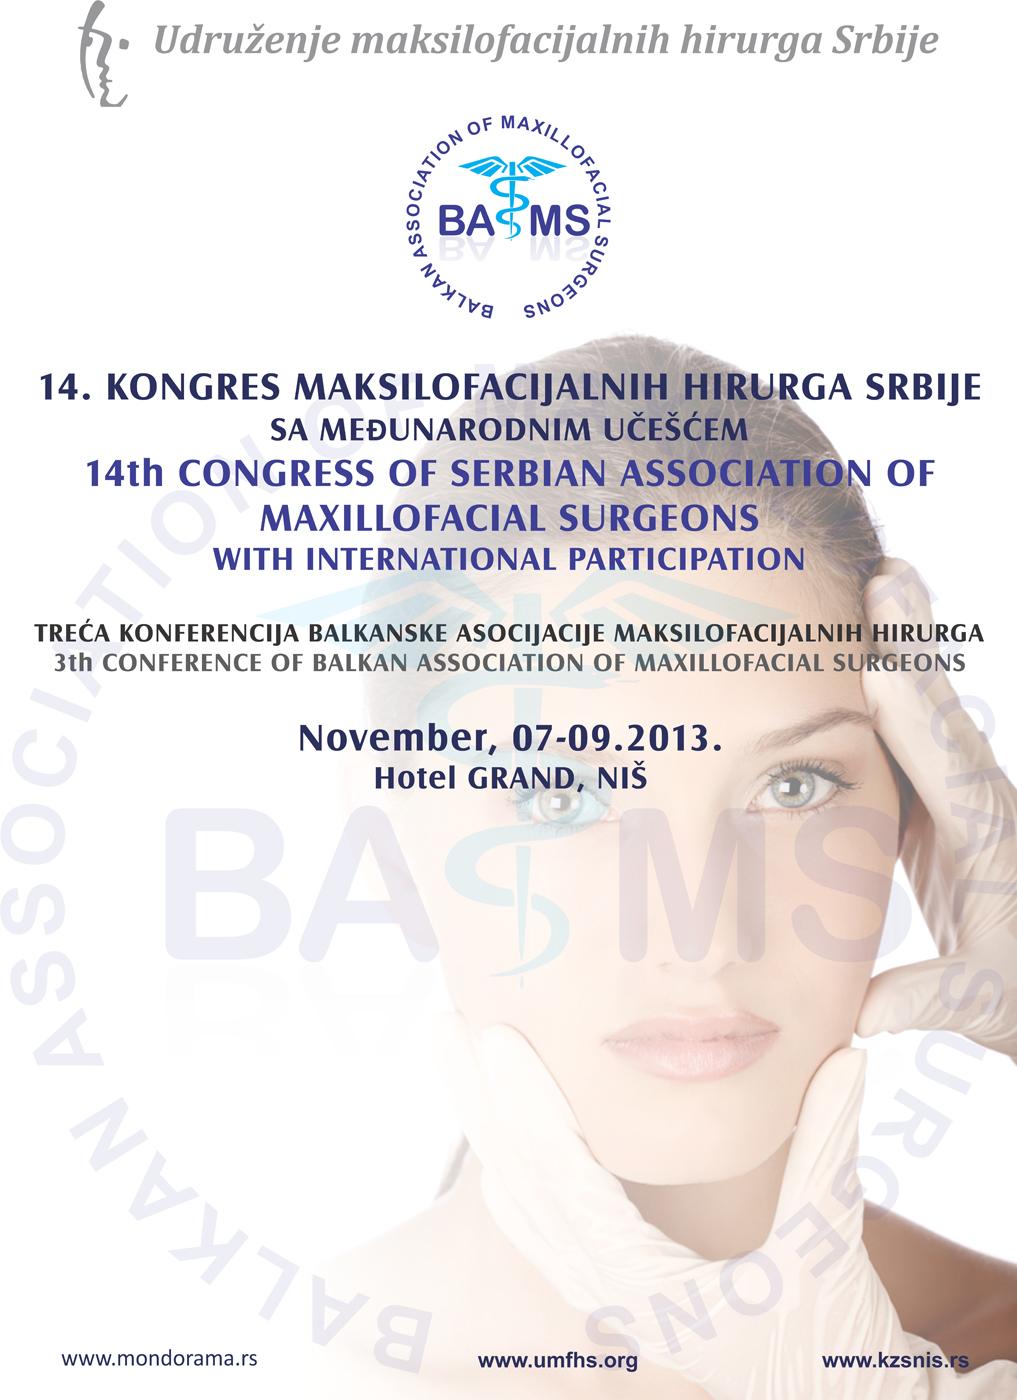 BAMS kongres poster mfh